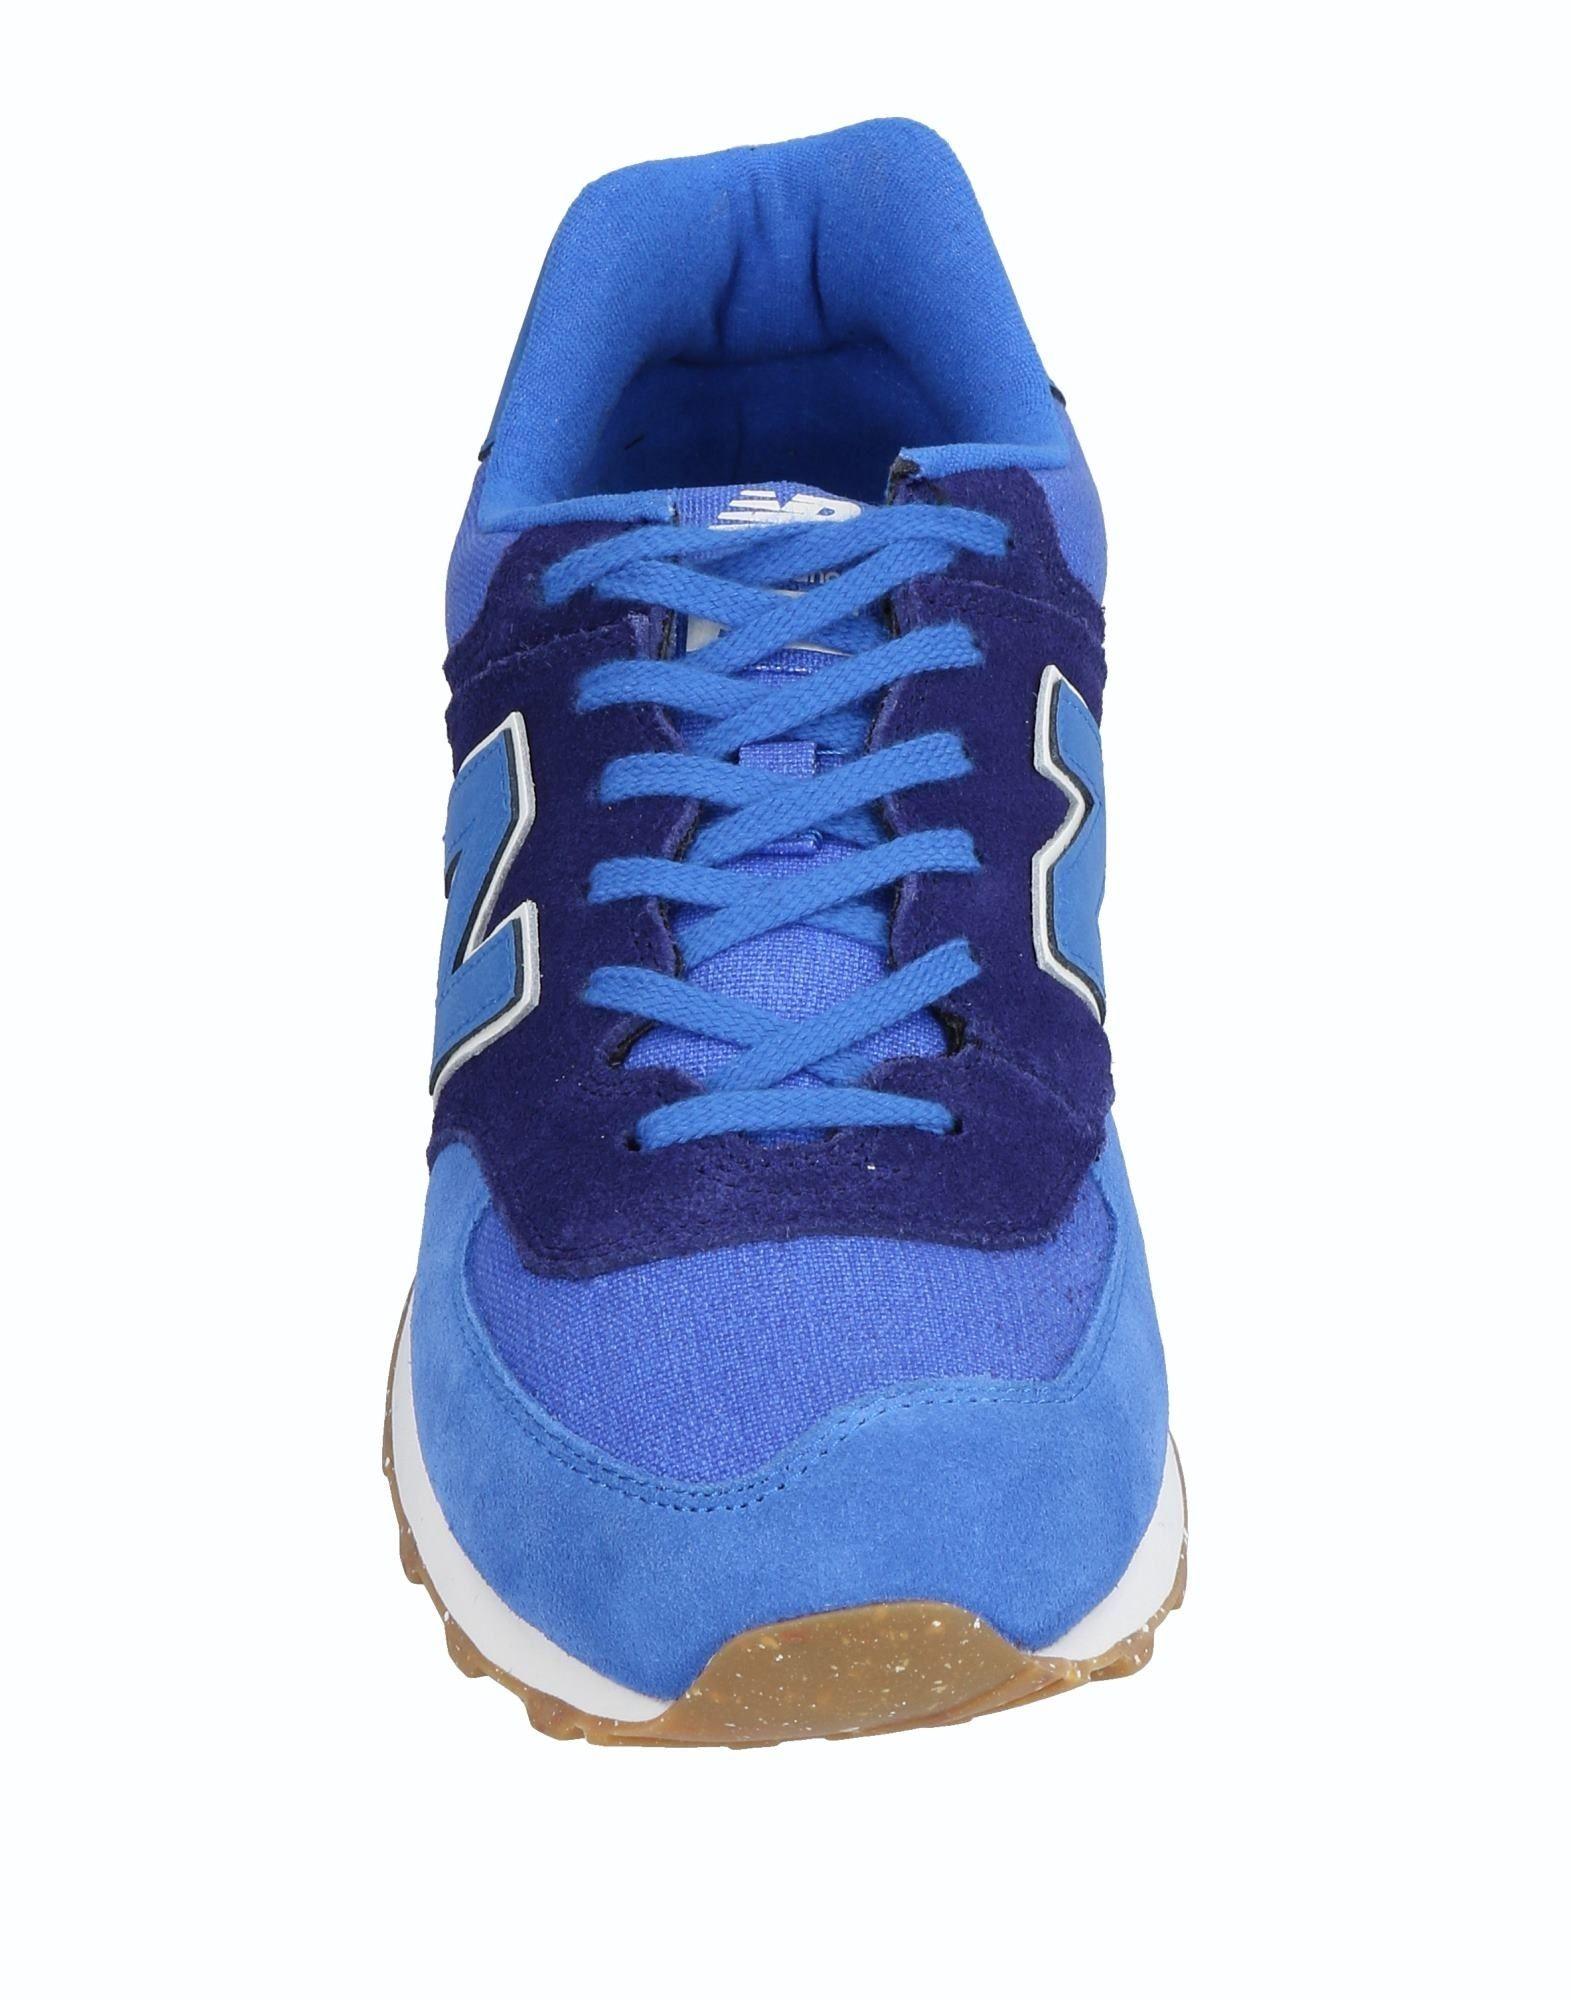 Rabatt Sneakers echte Schuhe New Balance Sneakers Rabatt Herren  11513677DI b39564